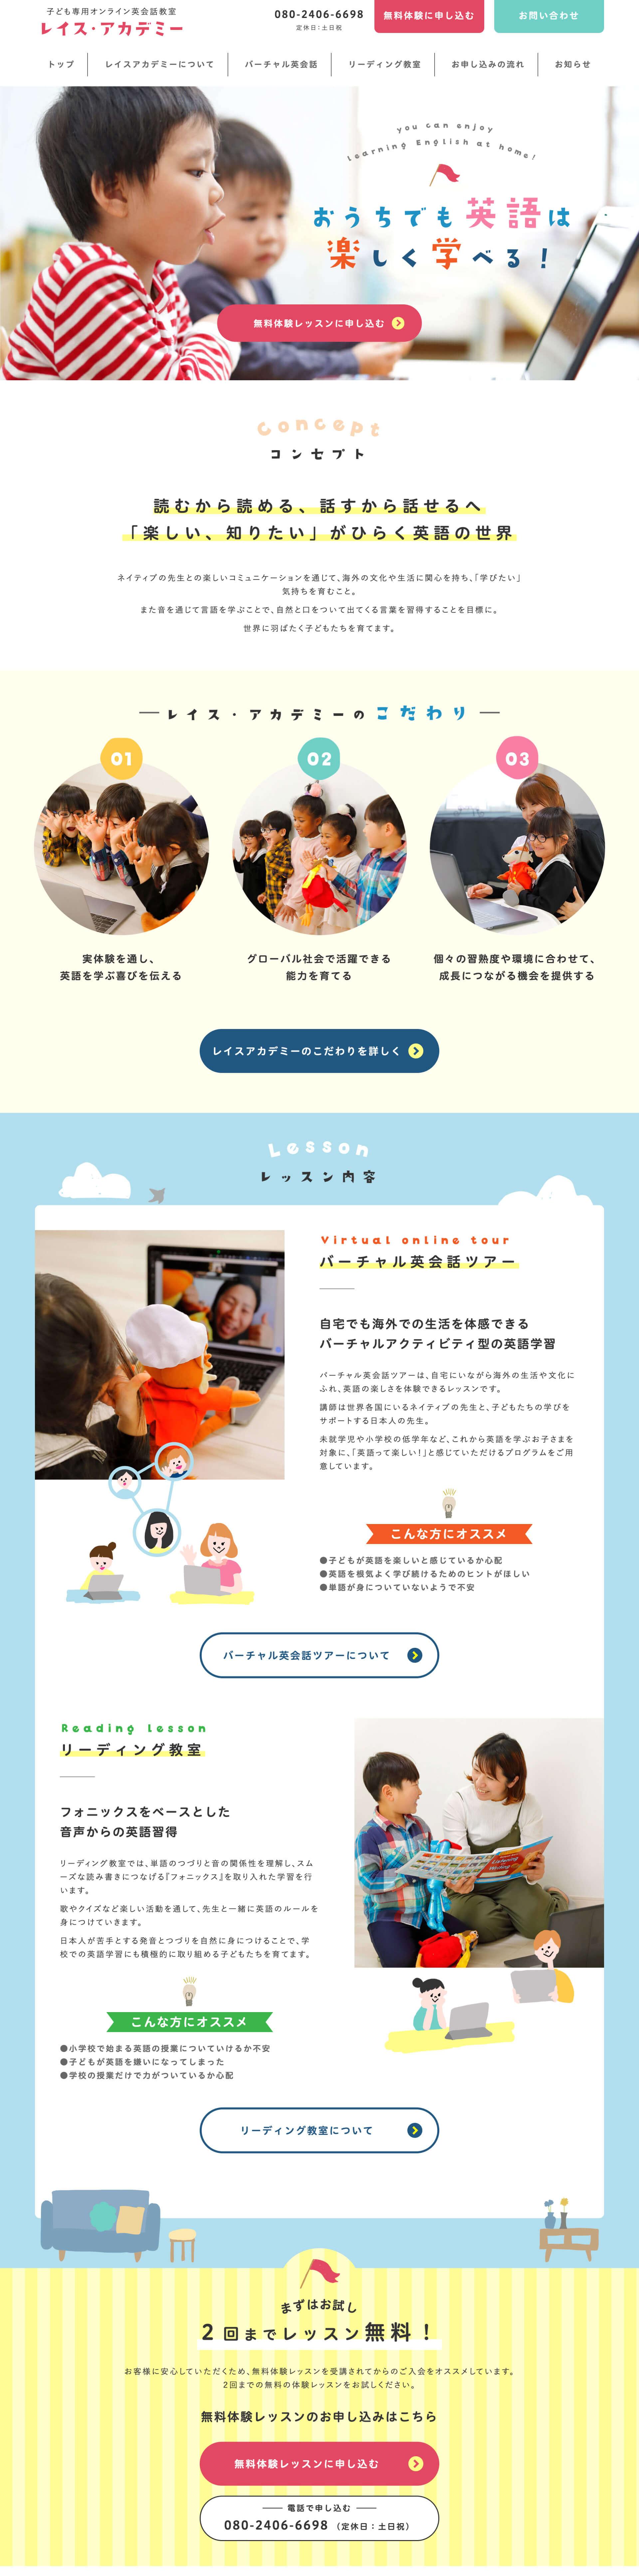 子ども専用オンライン英会話教室のホームページ制作